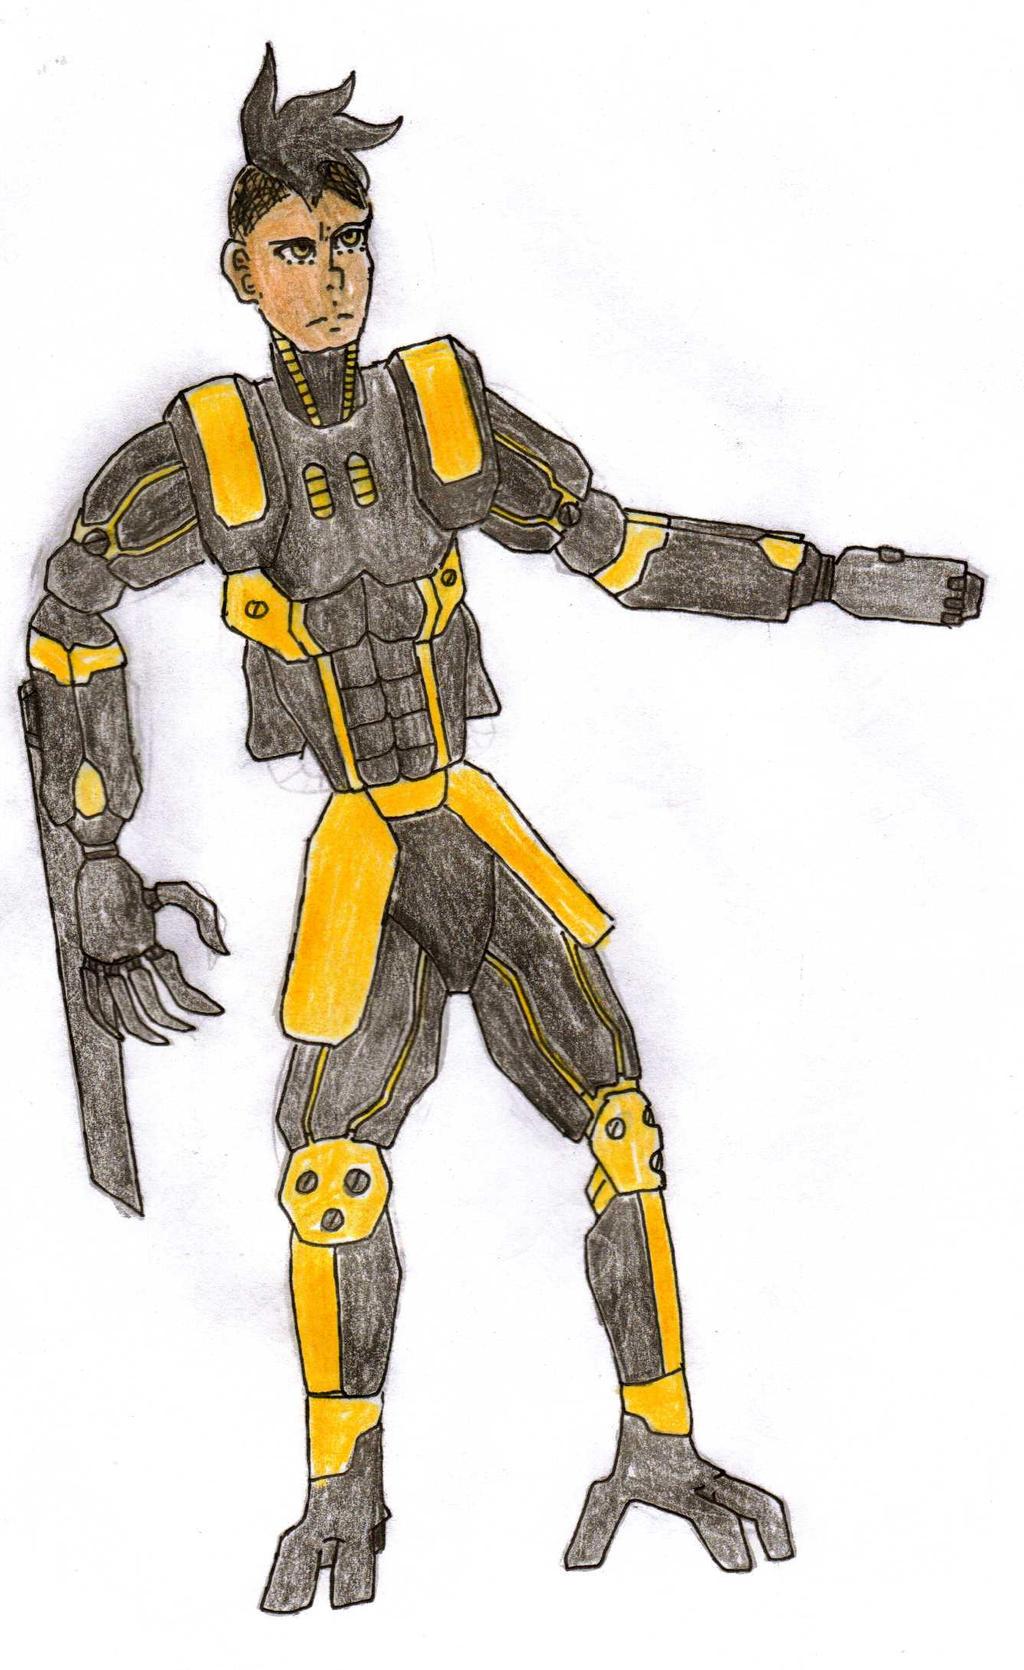 FWOG-Predator the Vengeful Warrior by Foxy-Knight